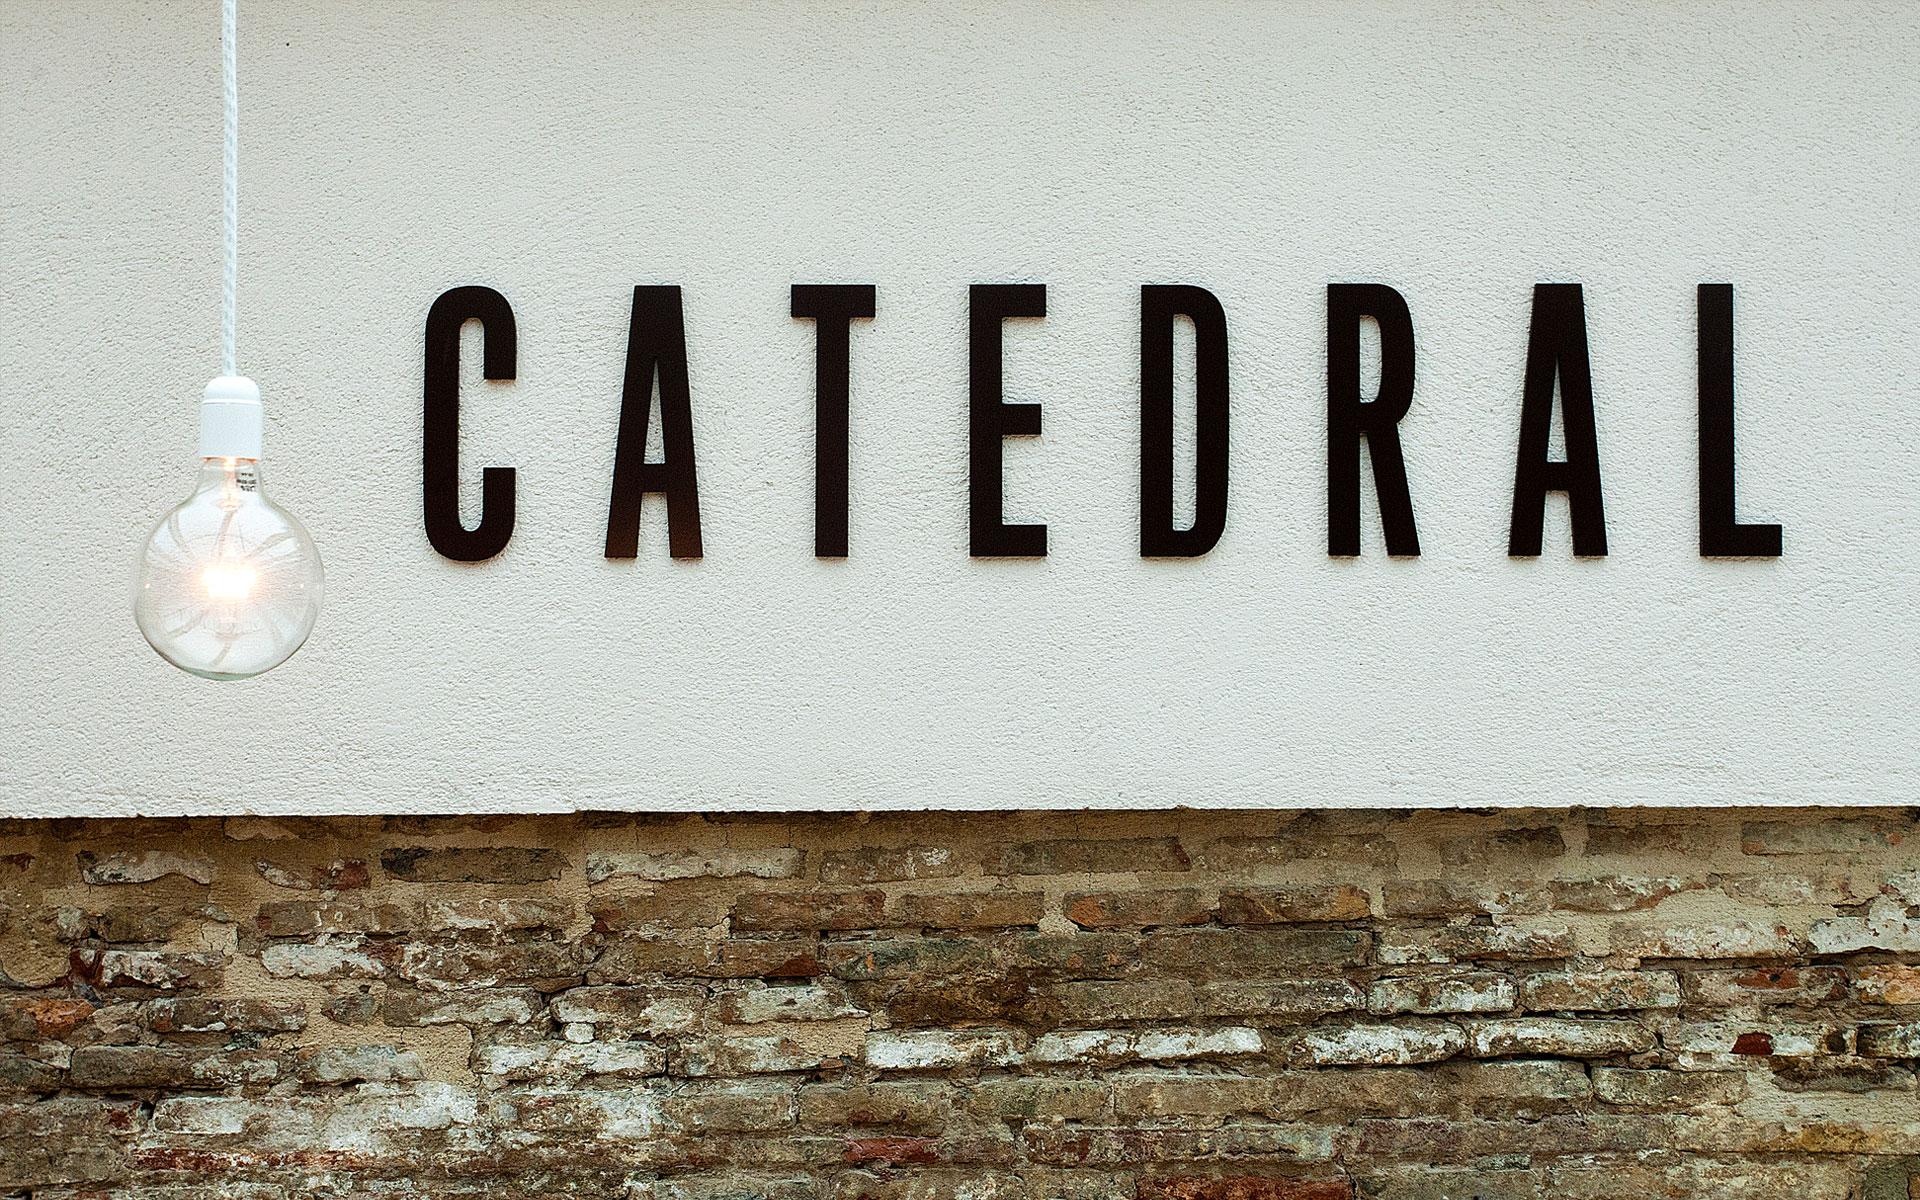 Catedral Gastrobar Diseño Logotipo Logo Gráfica Aplicada